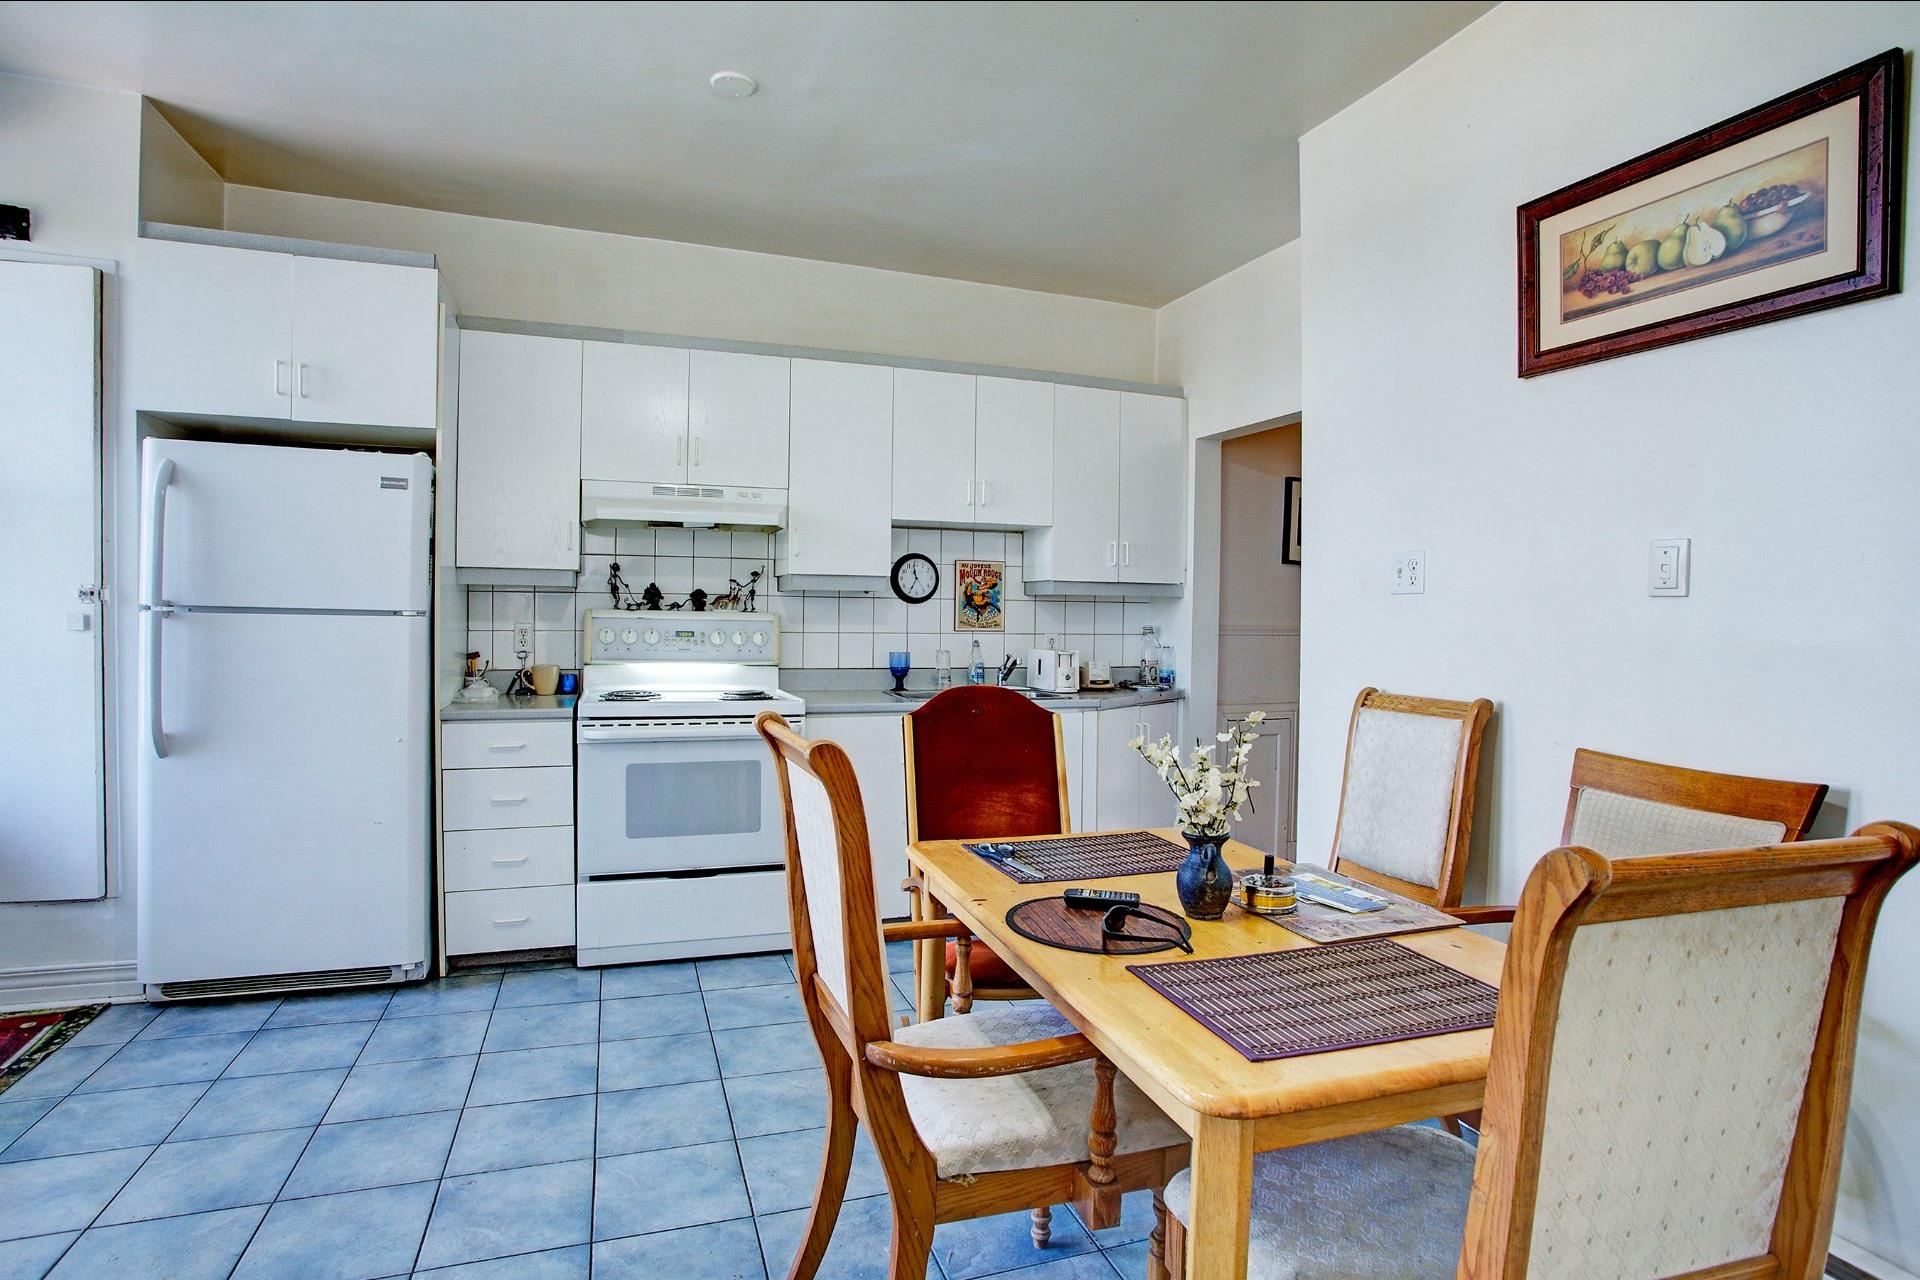 image 18 - Income property For sale Le Sud-Ouest Montréal  - 4 rooms